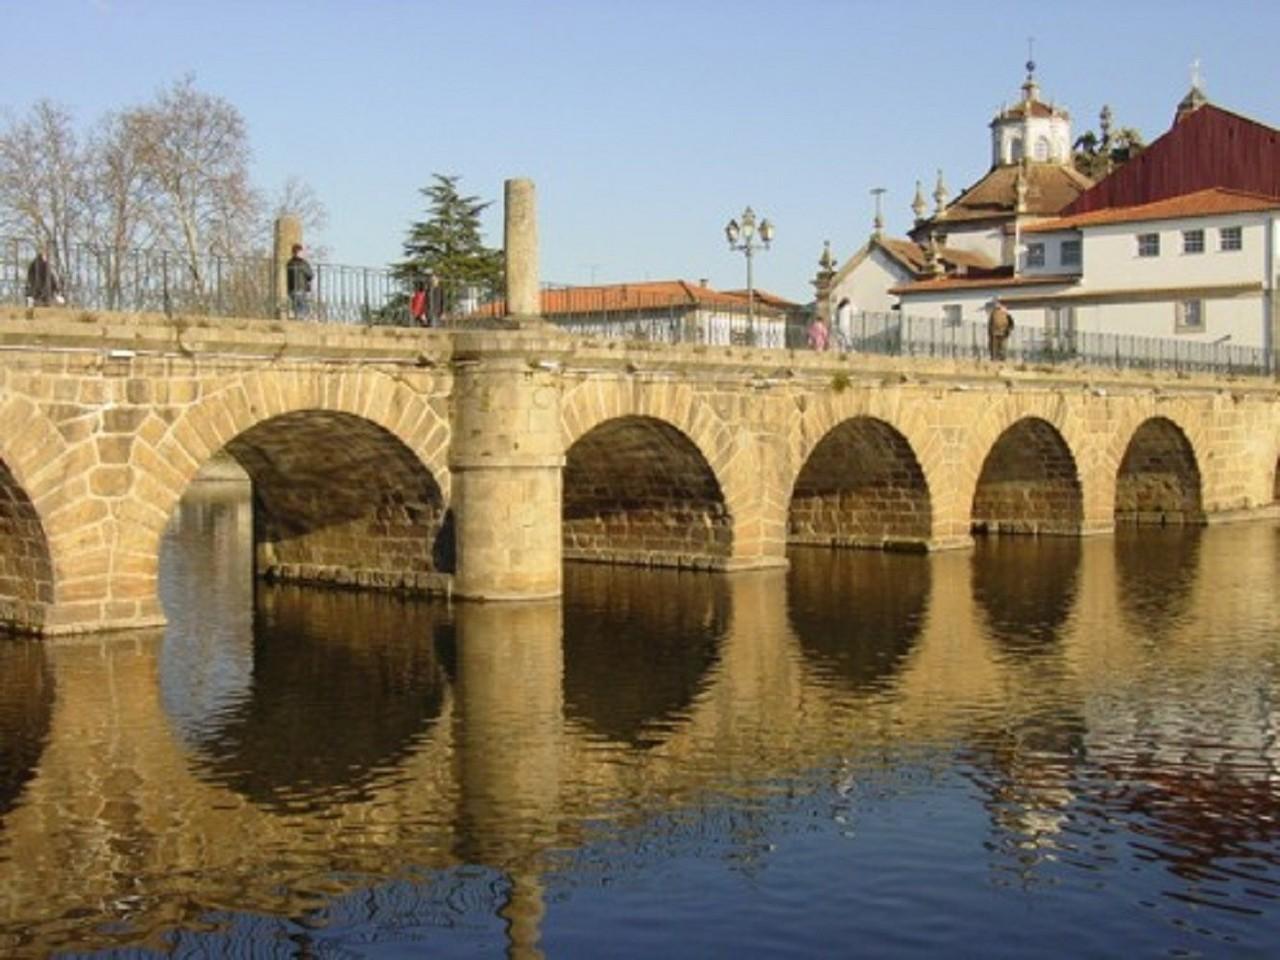 Ponte_Romana1.jpg